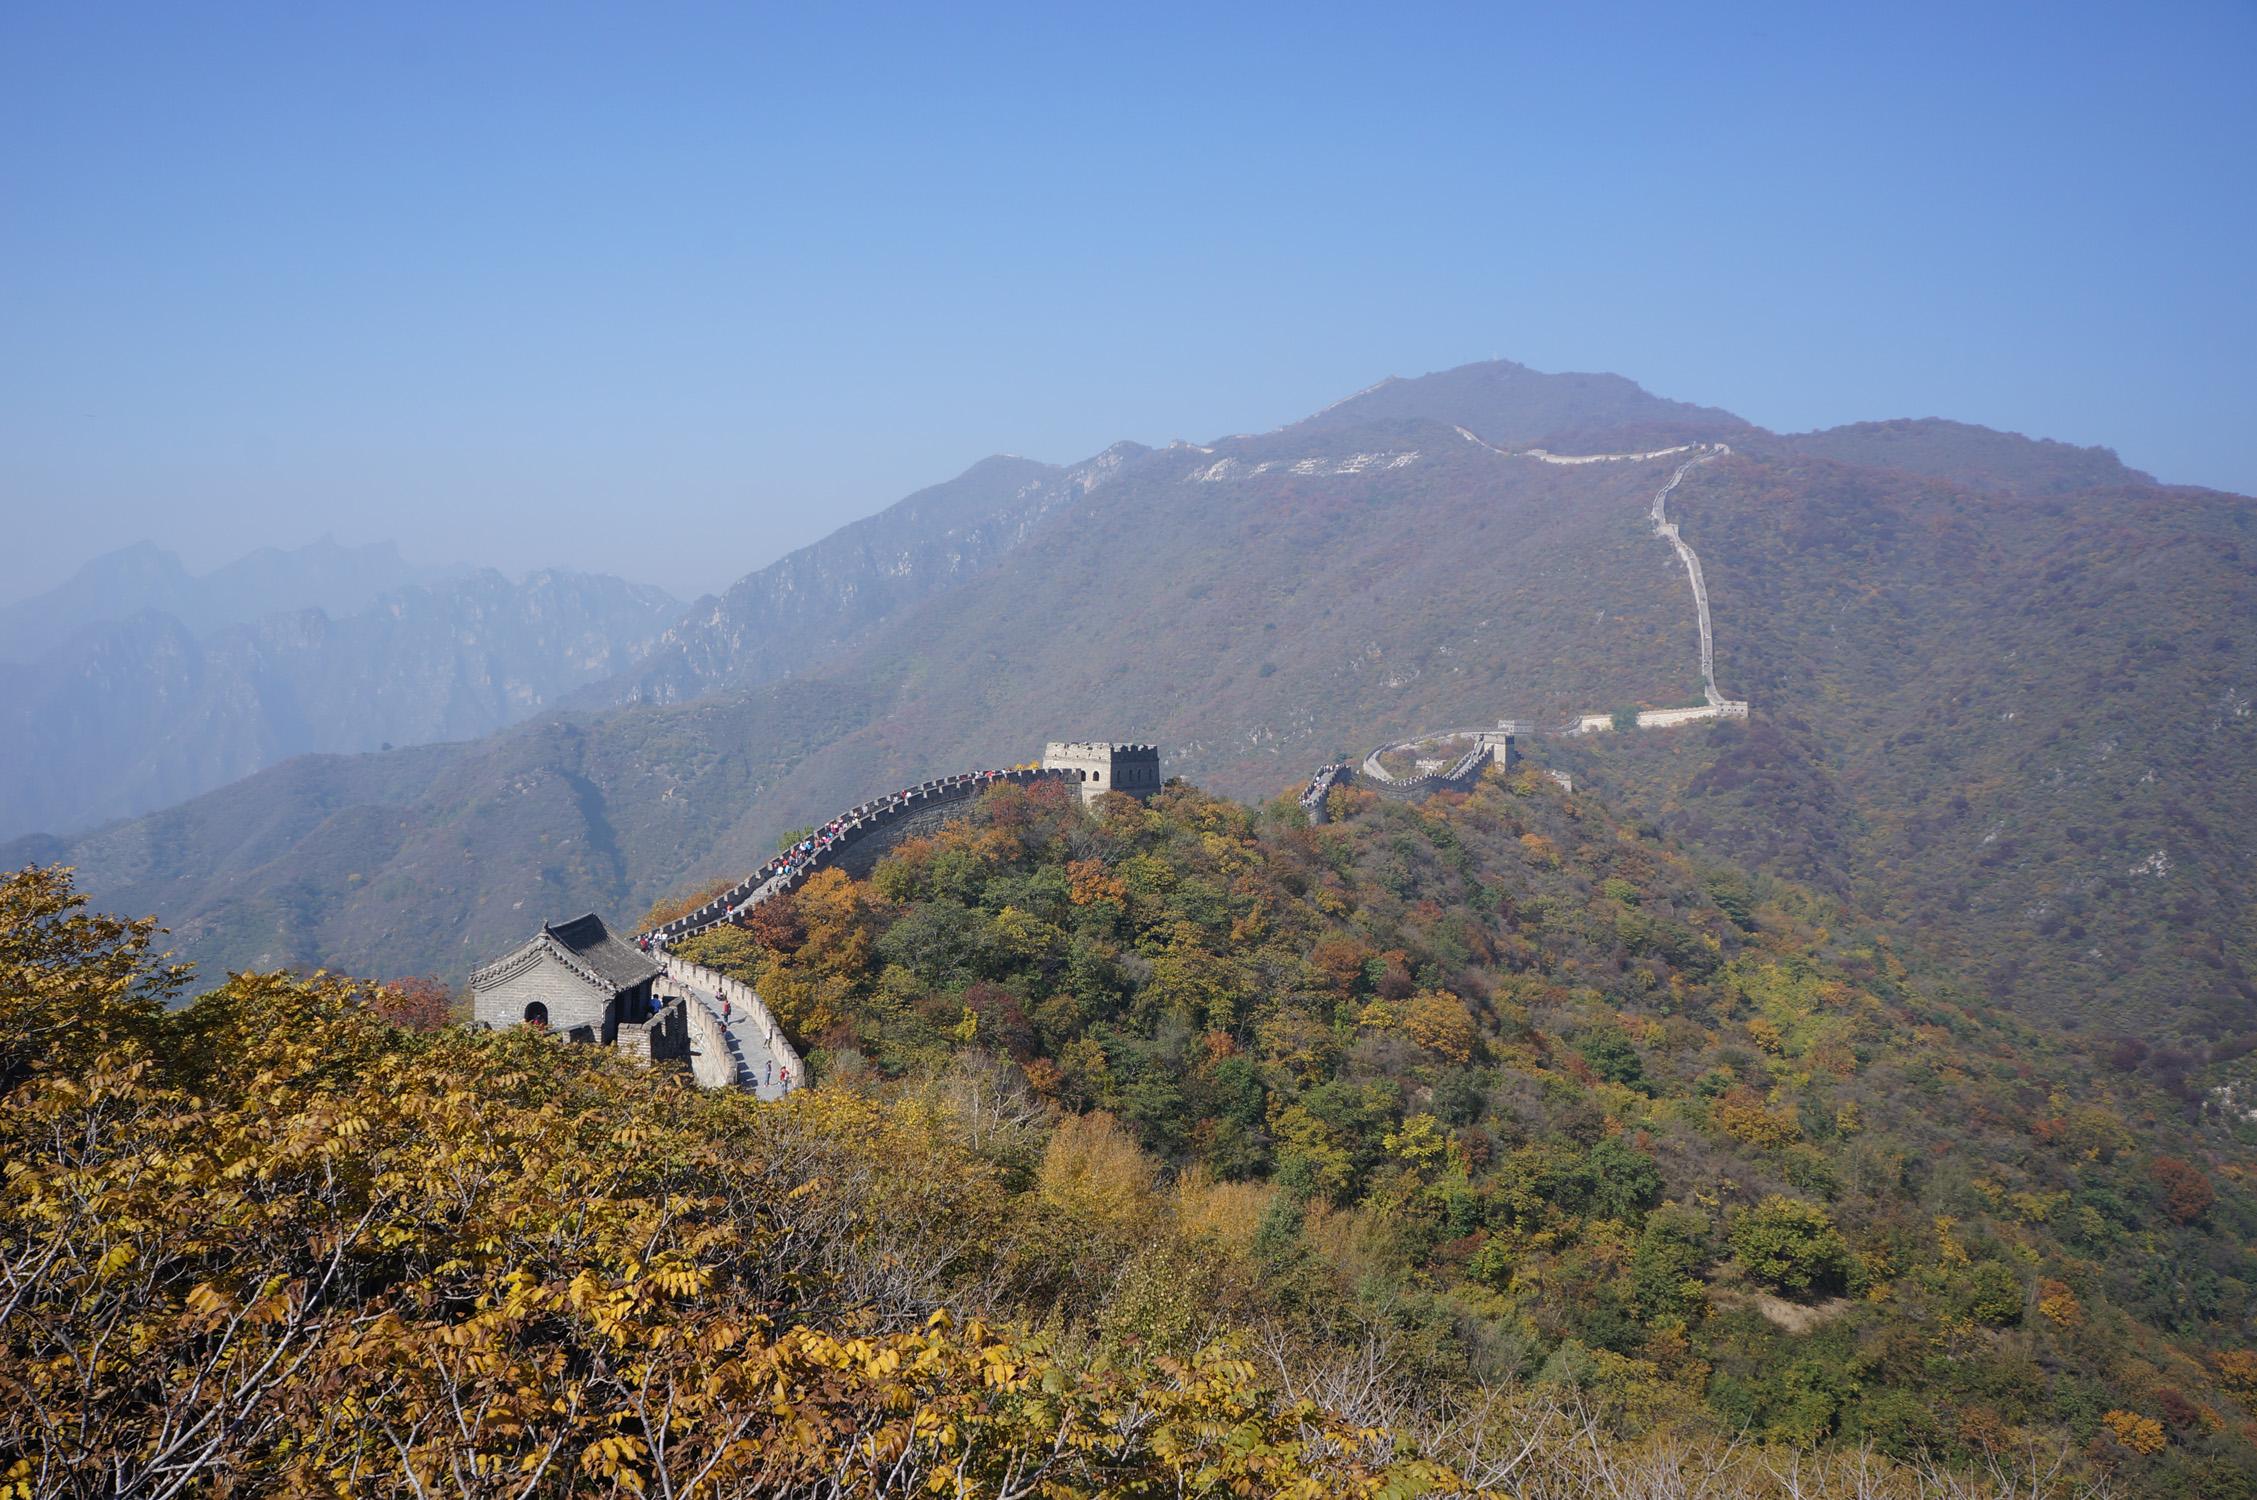 怎么去,怎么走):  北京市怀柔区渤海镇慕田峪村  标签: 旅游景点 风景